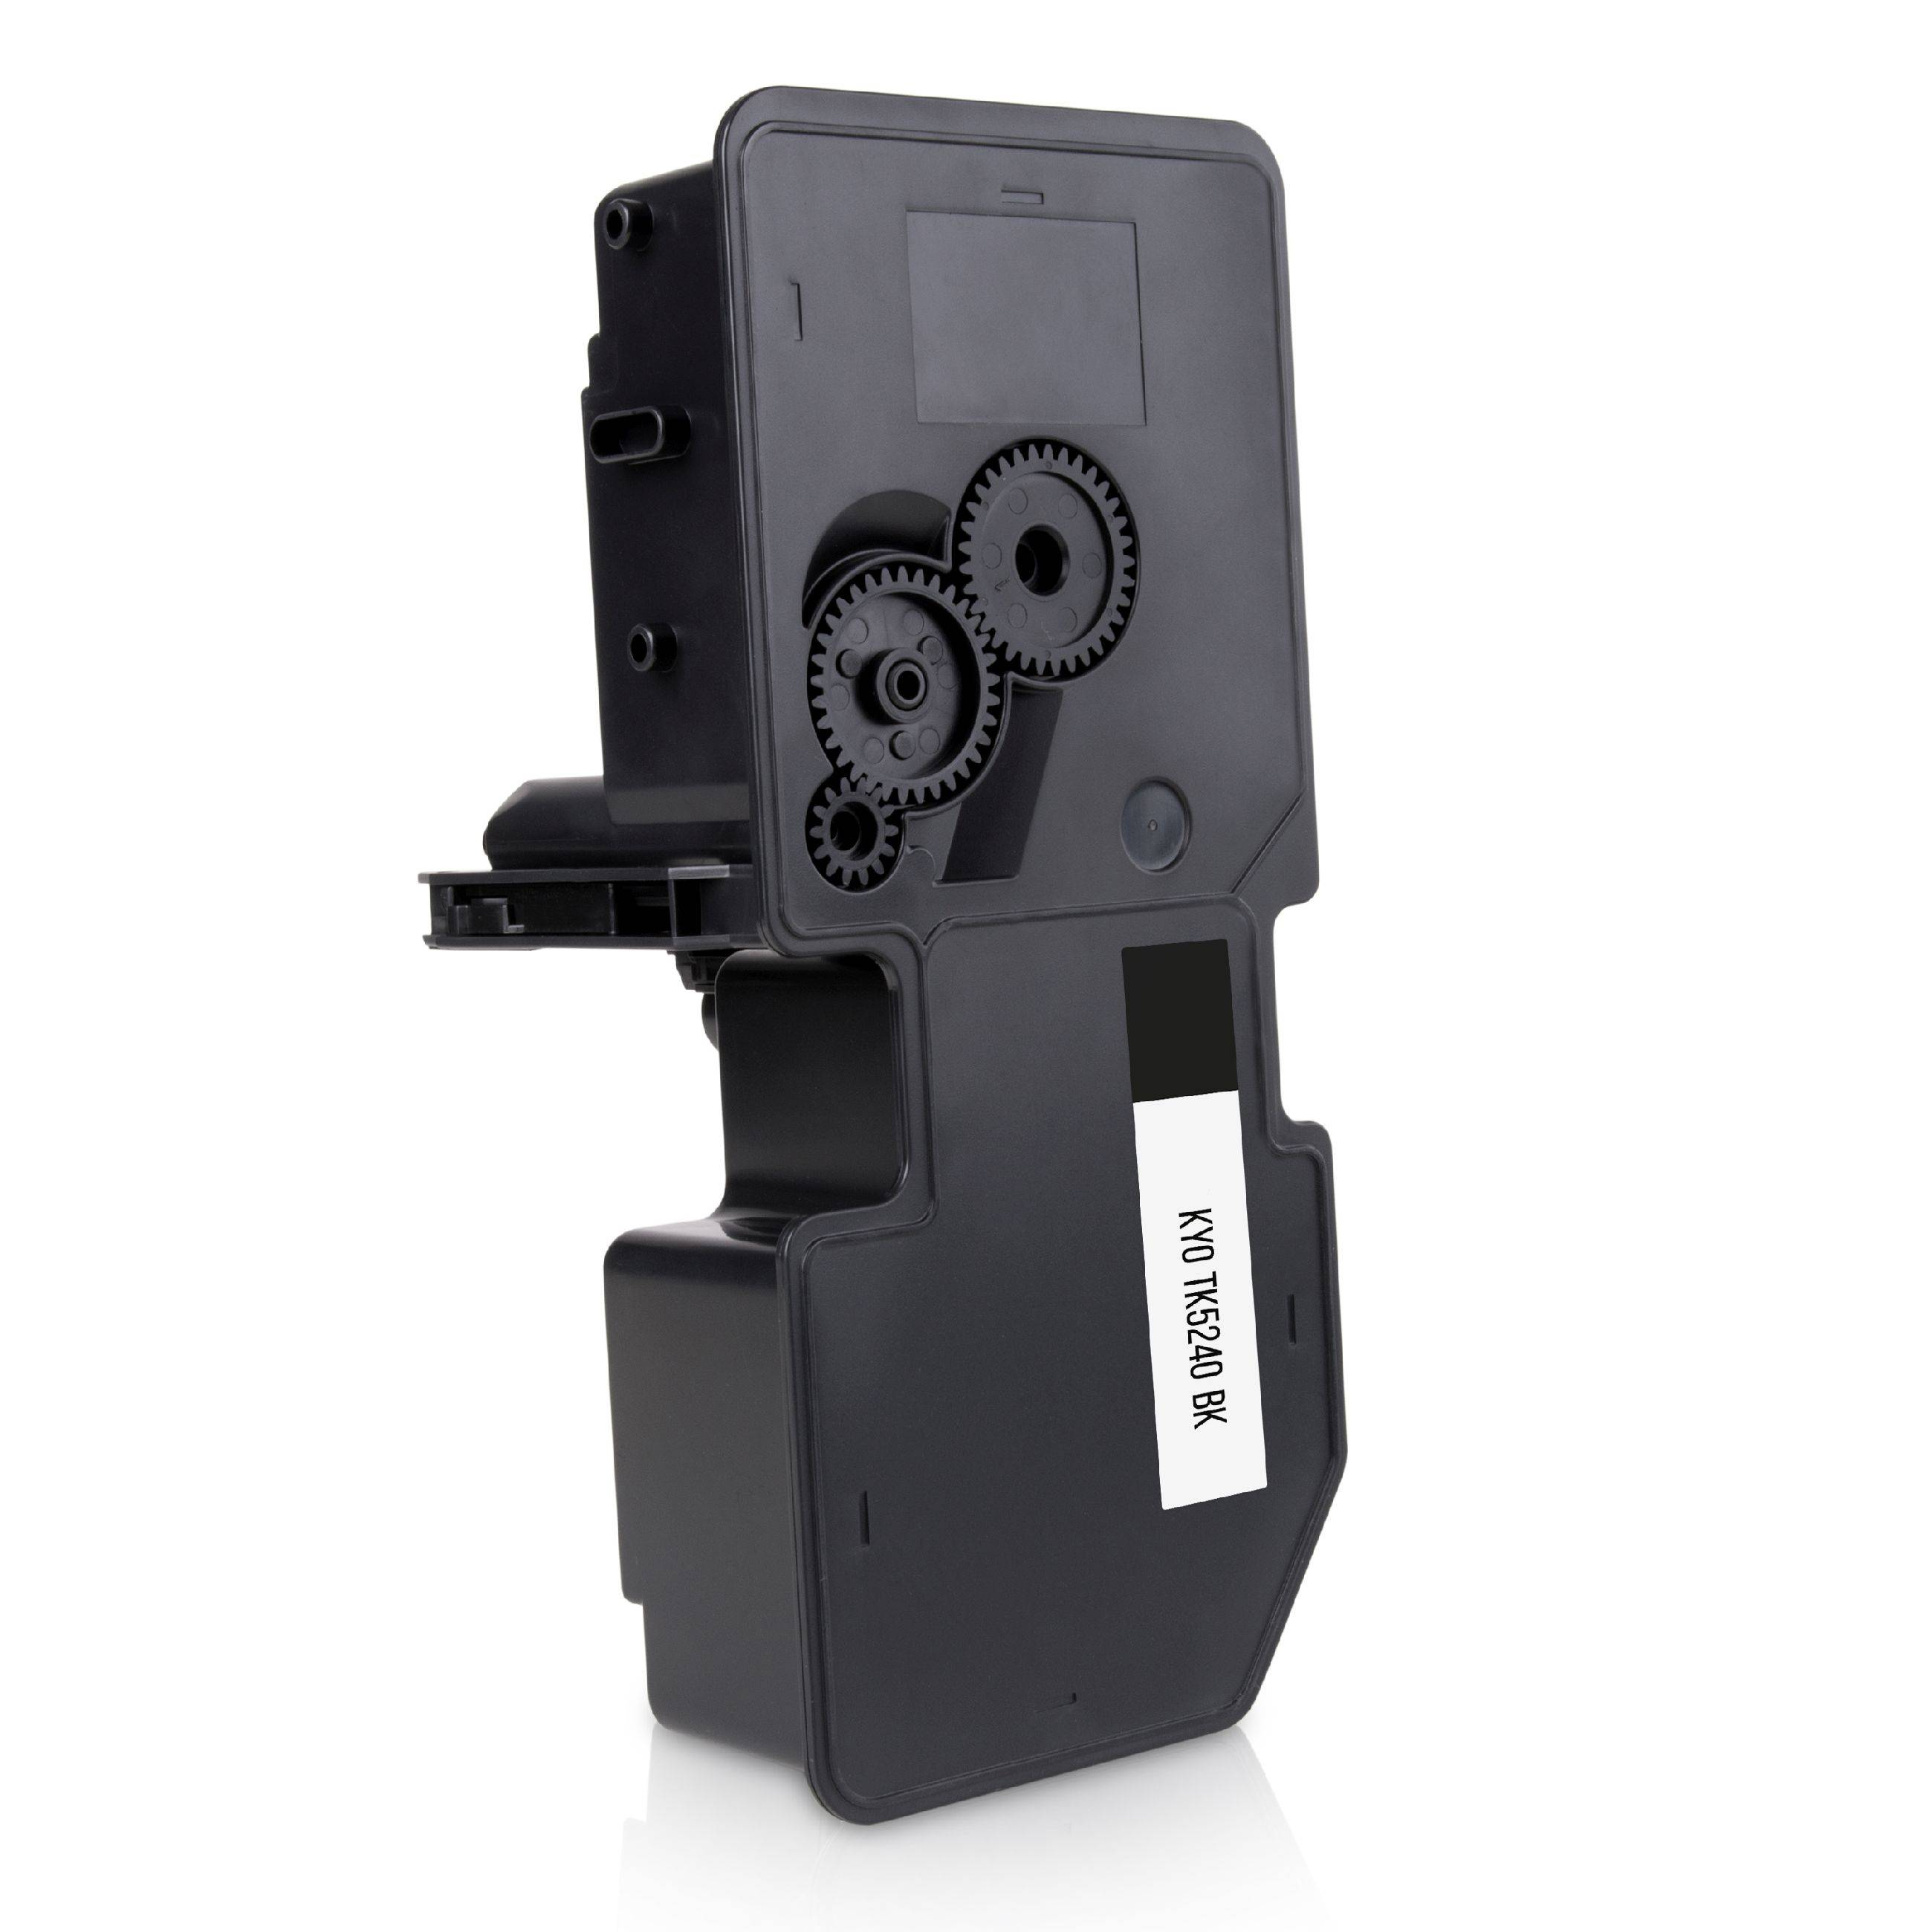 Kyocera Cartouche de Toner pour Kyocera 1T02R70NL0 / TK-5240 K noir compatible (de marque ASC)